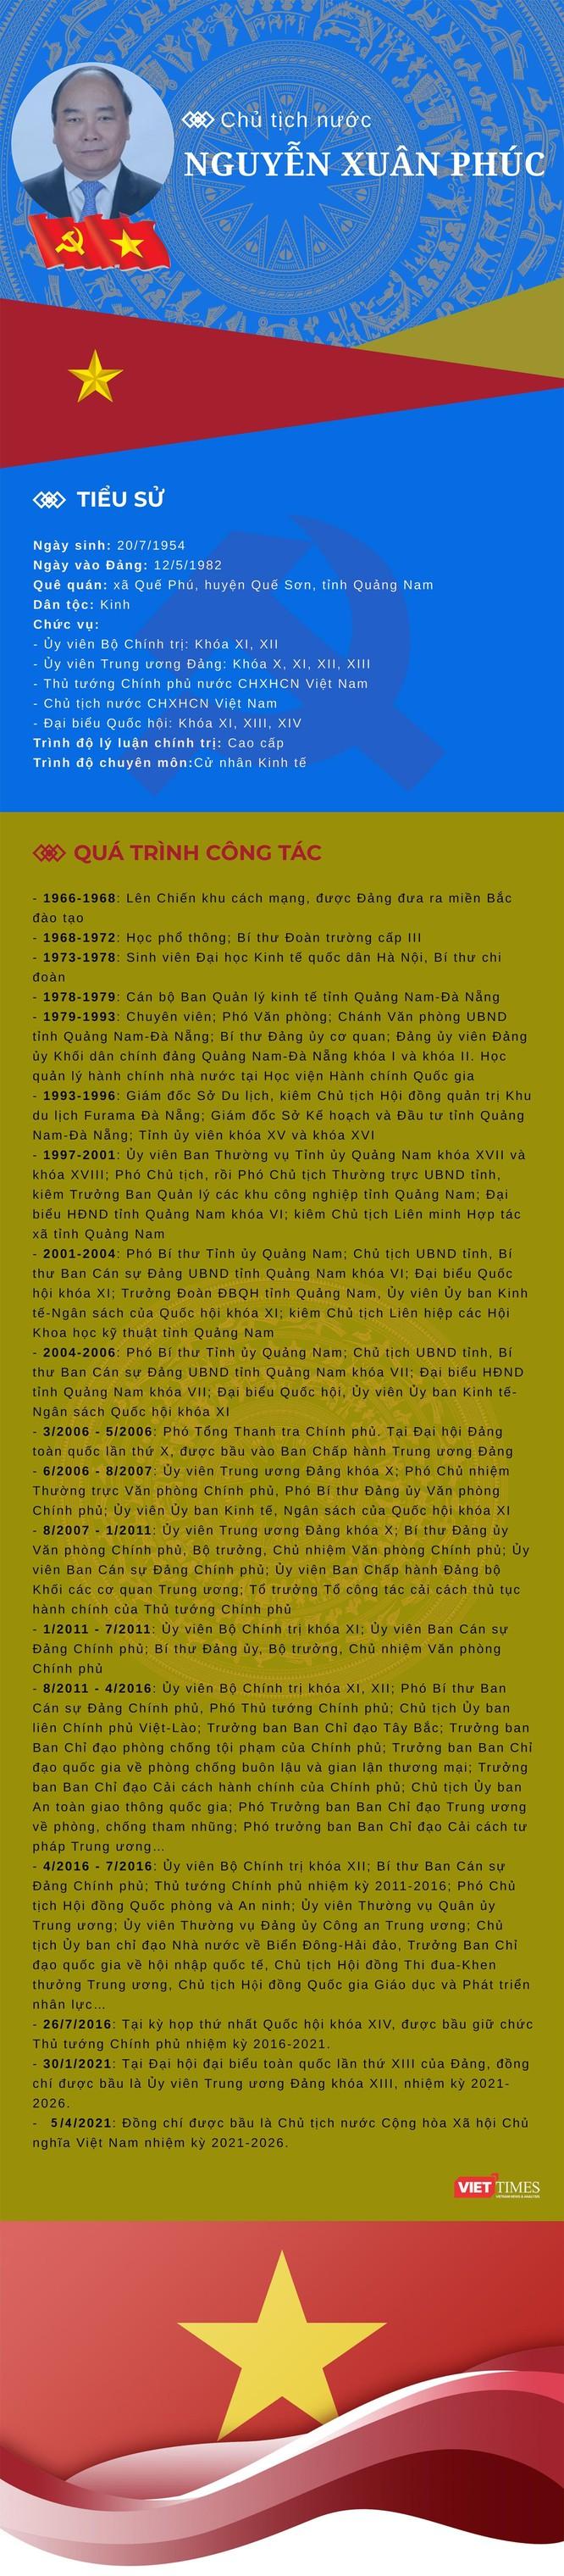 Tiểu sử tóm tắt của tân Chủ tịch nước Nguyễn Xuân Phúc ảnh 1